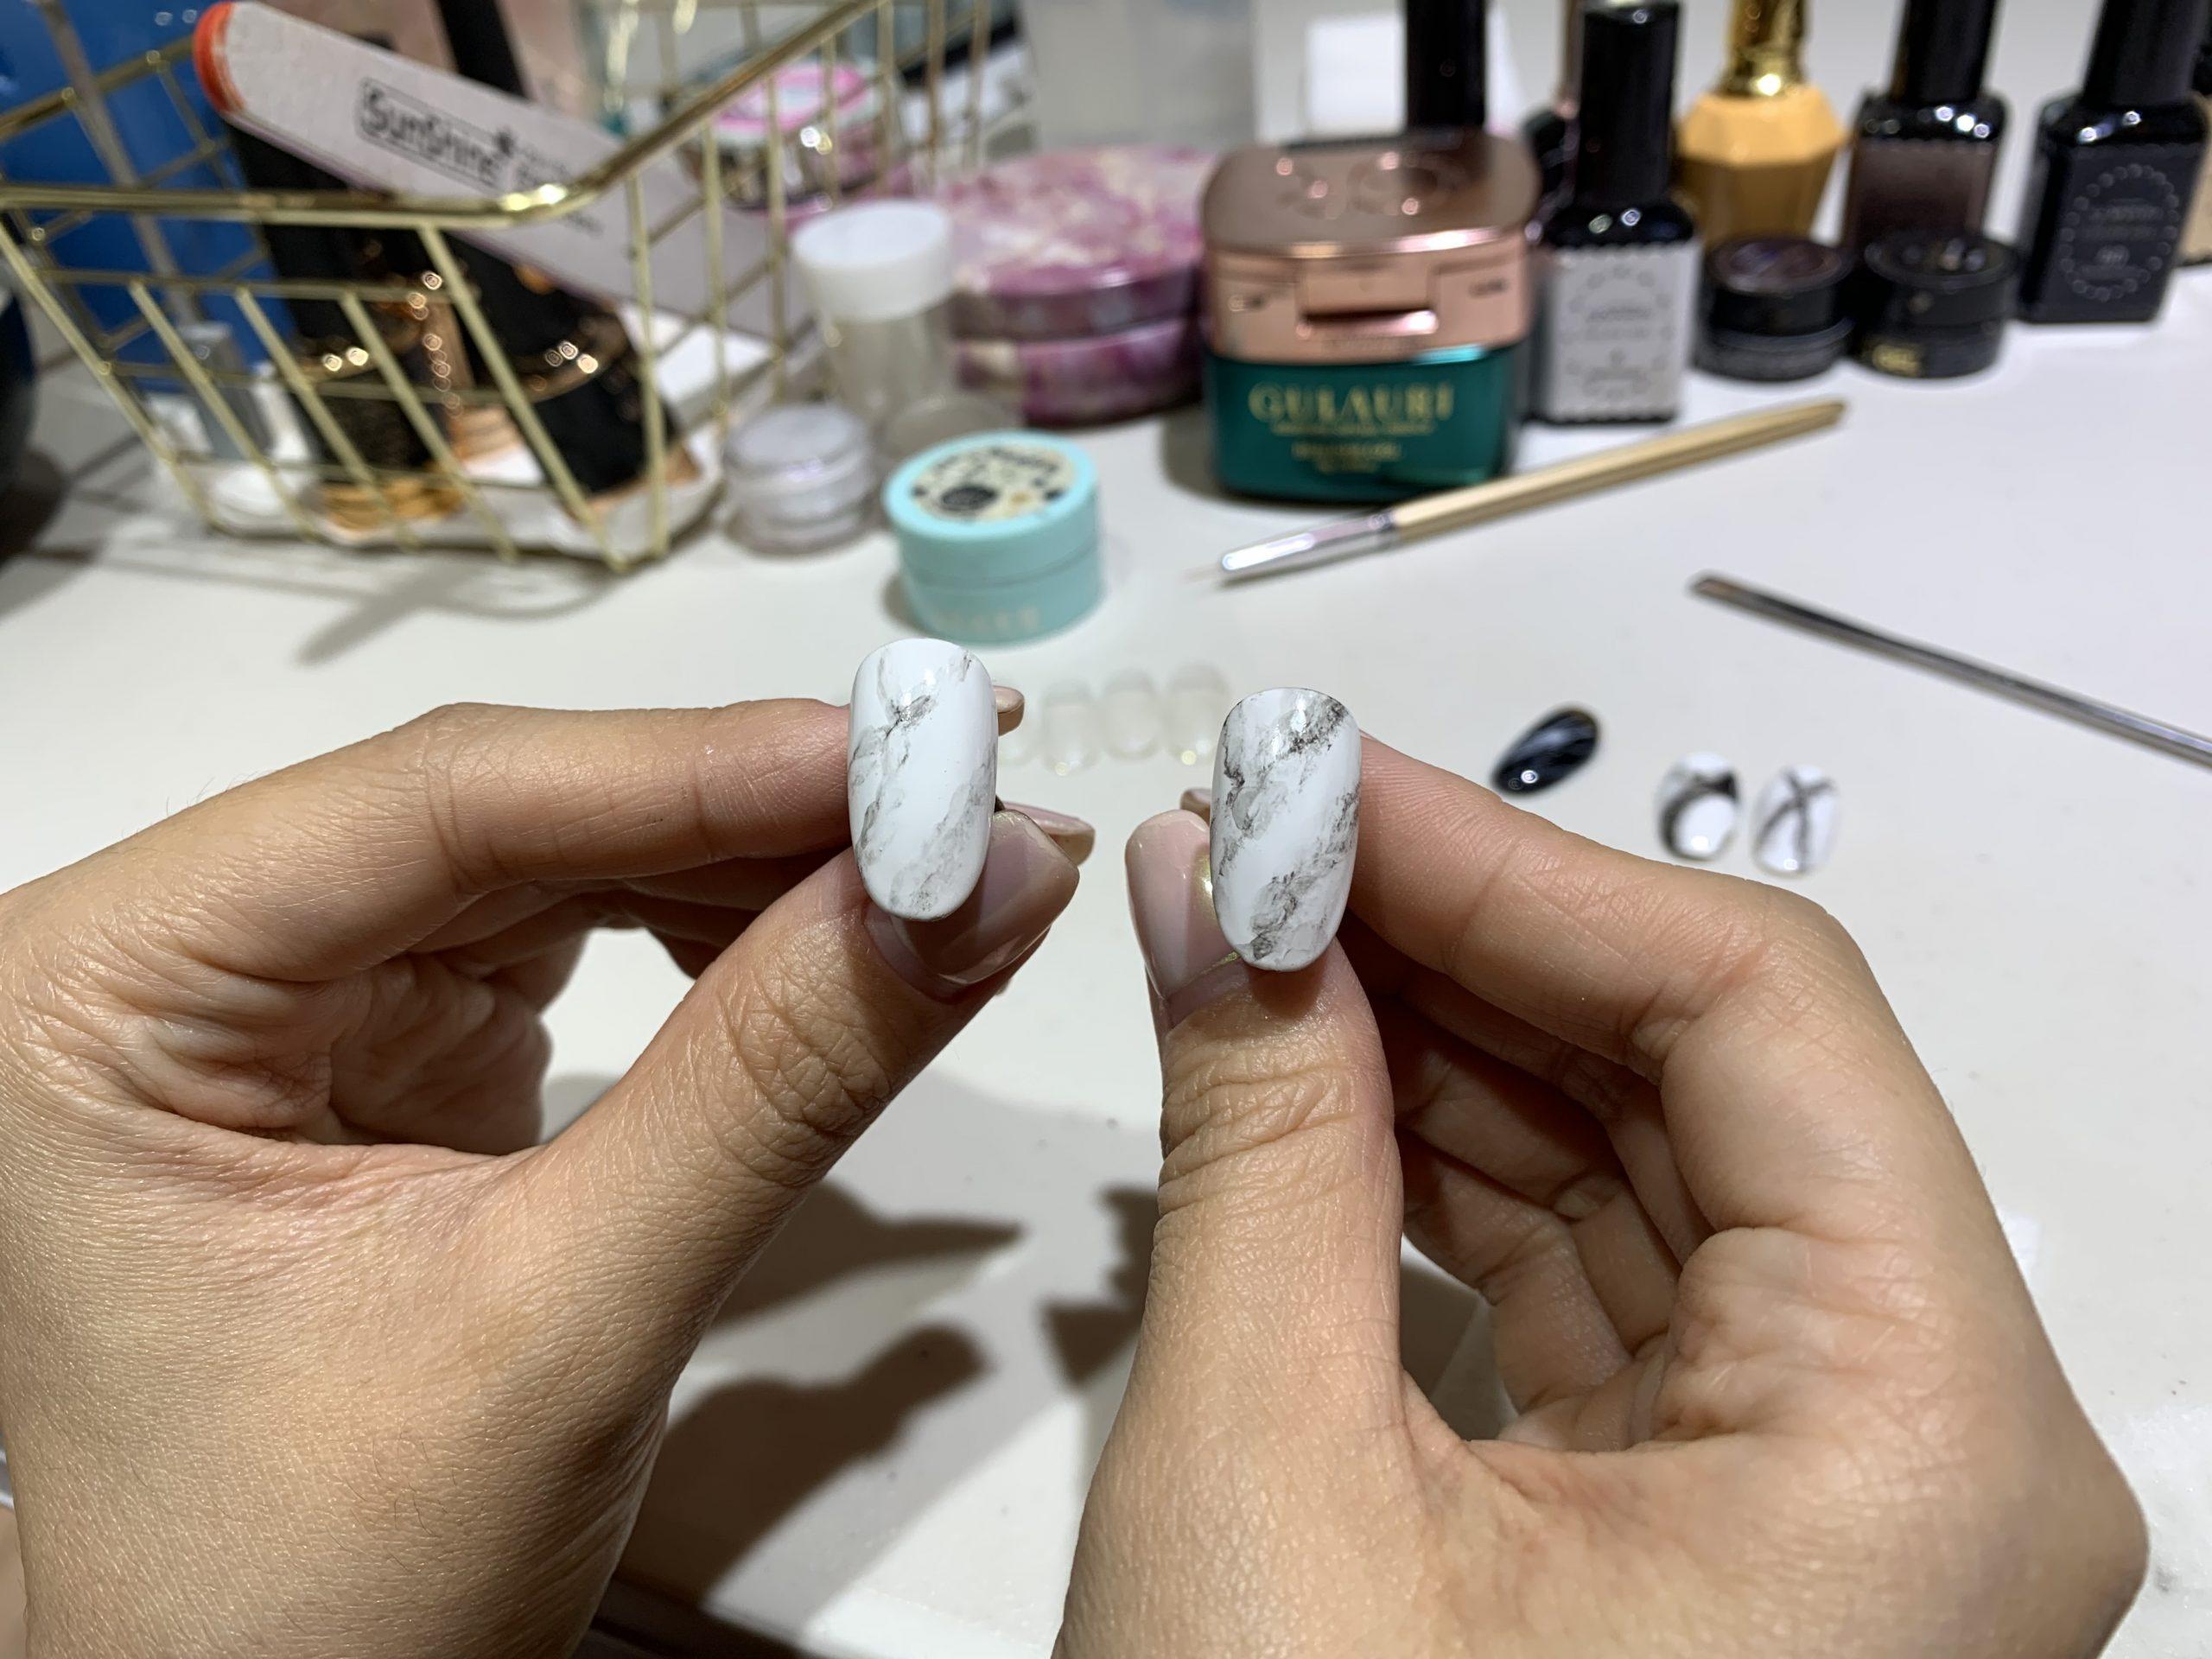 愛甲玩美凝膠美甲彩繪課程-台中美甲課程推薦